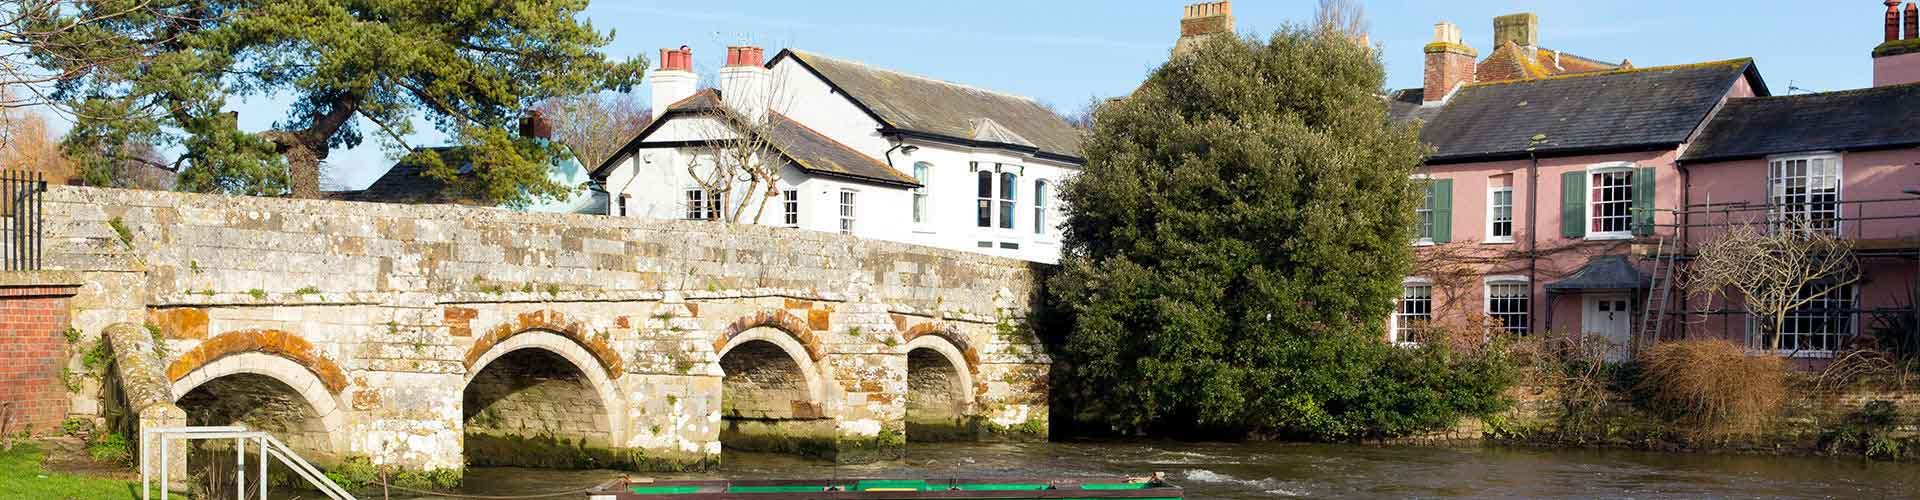 Bournemouth - Habitaciones en Bournemouth. Mapas de Bournemouth, Fotos y comentarios de cada Habitación en Bournemouth.